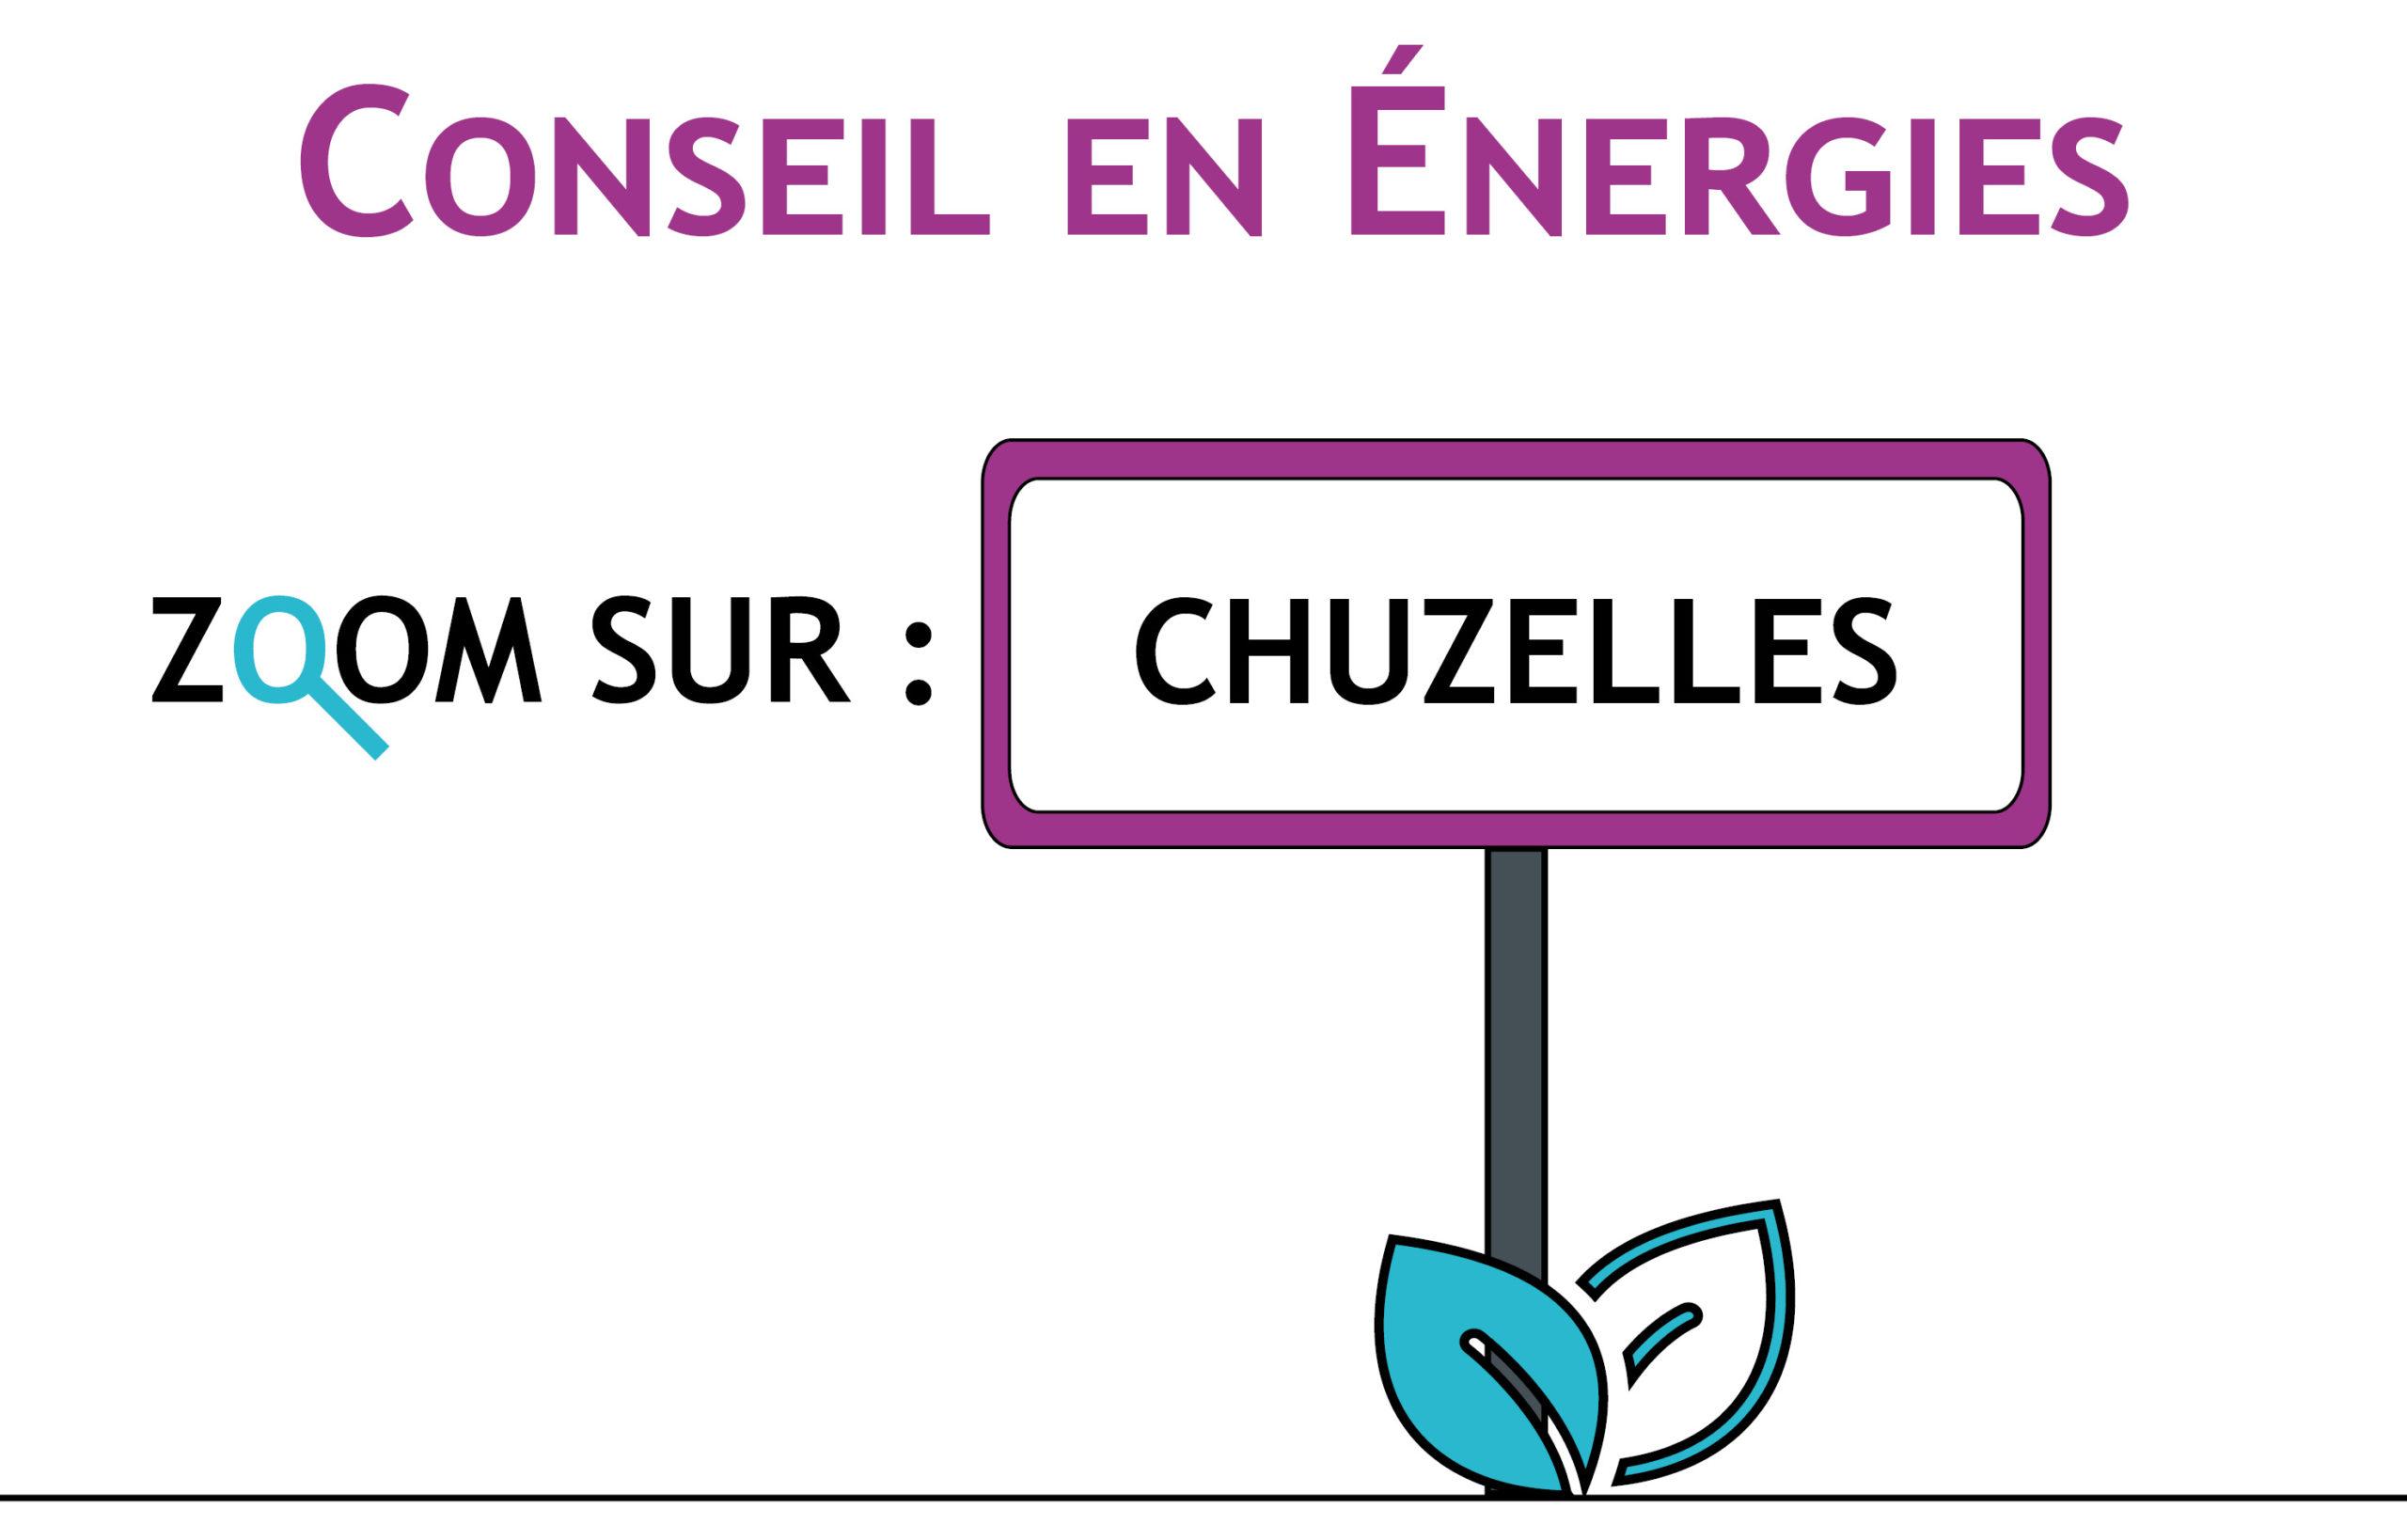 Exemple d'actions d'économies d'énergies : Chuzelles